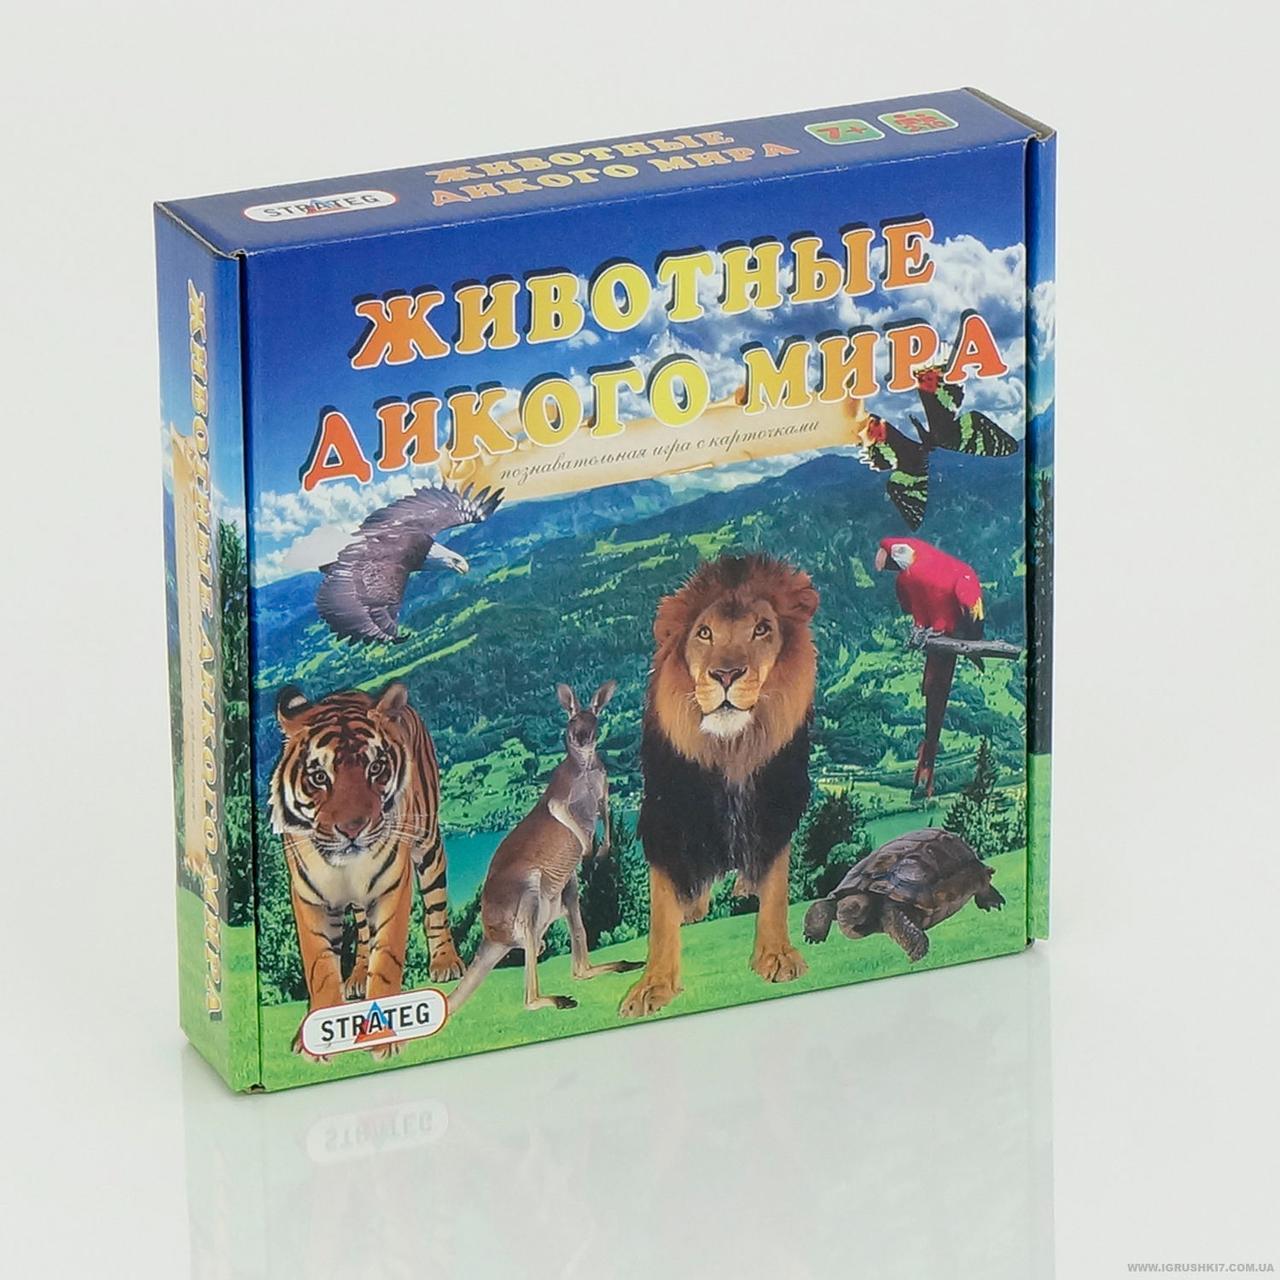 Настільна гра Тварини дикого світу 686 рос.Strateg